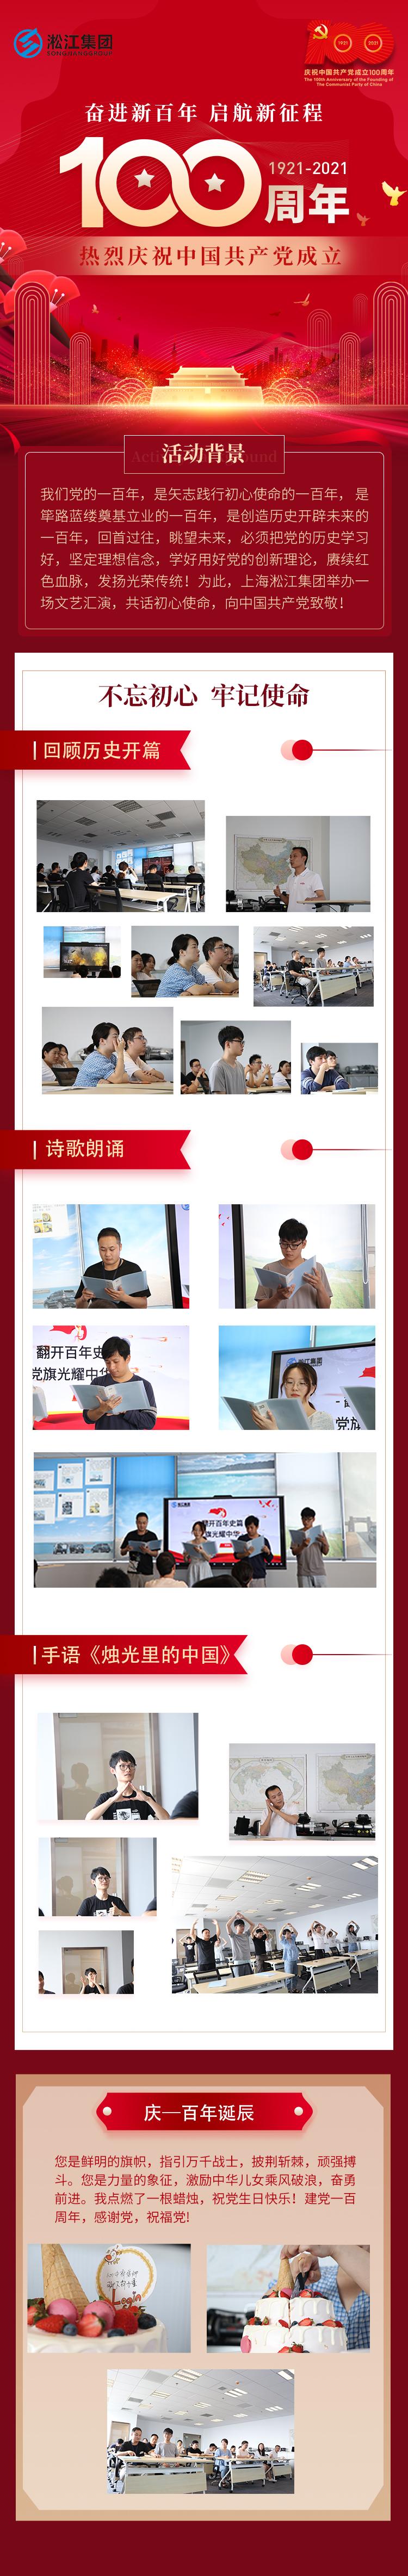 淞江集团热烈庆祝中国共产党成立100周年庆典